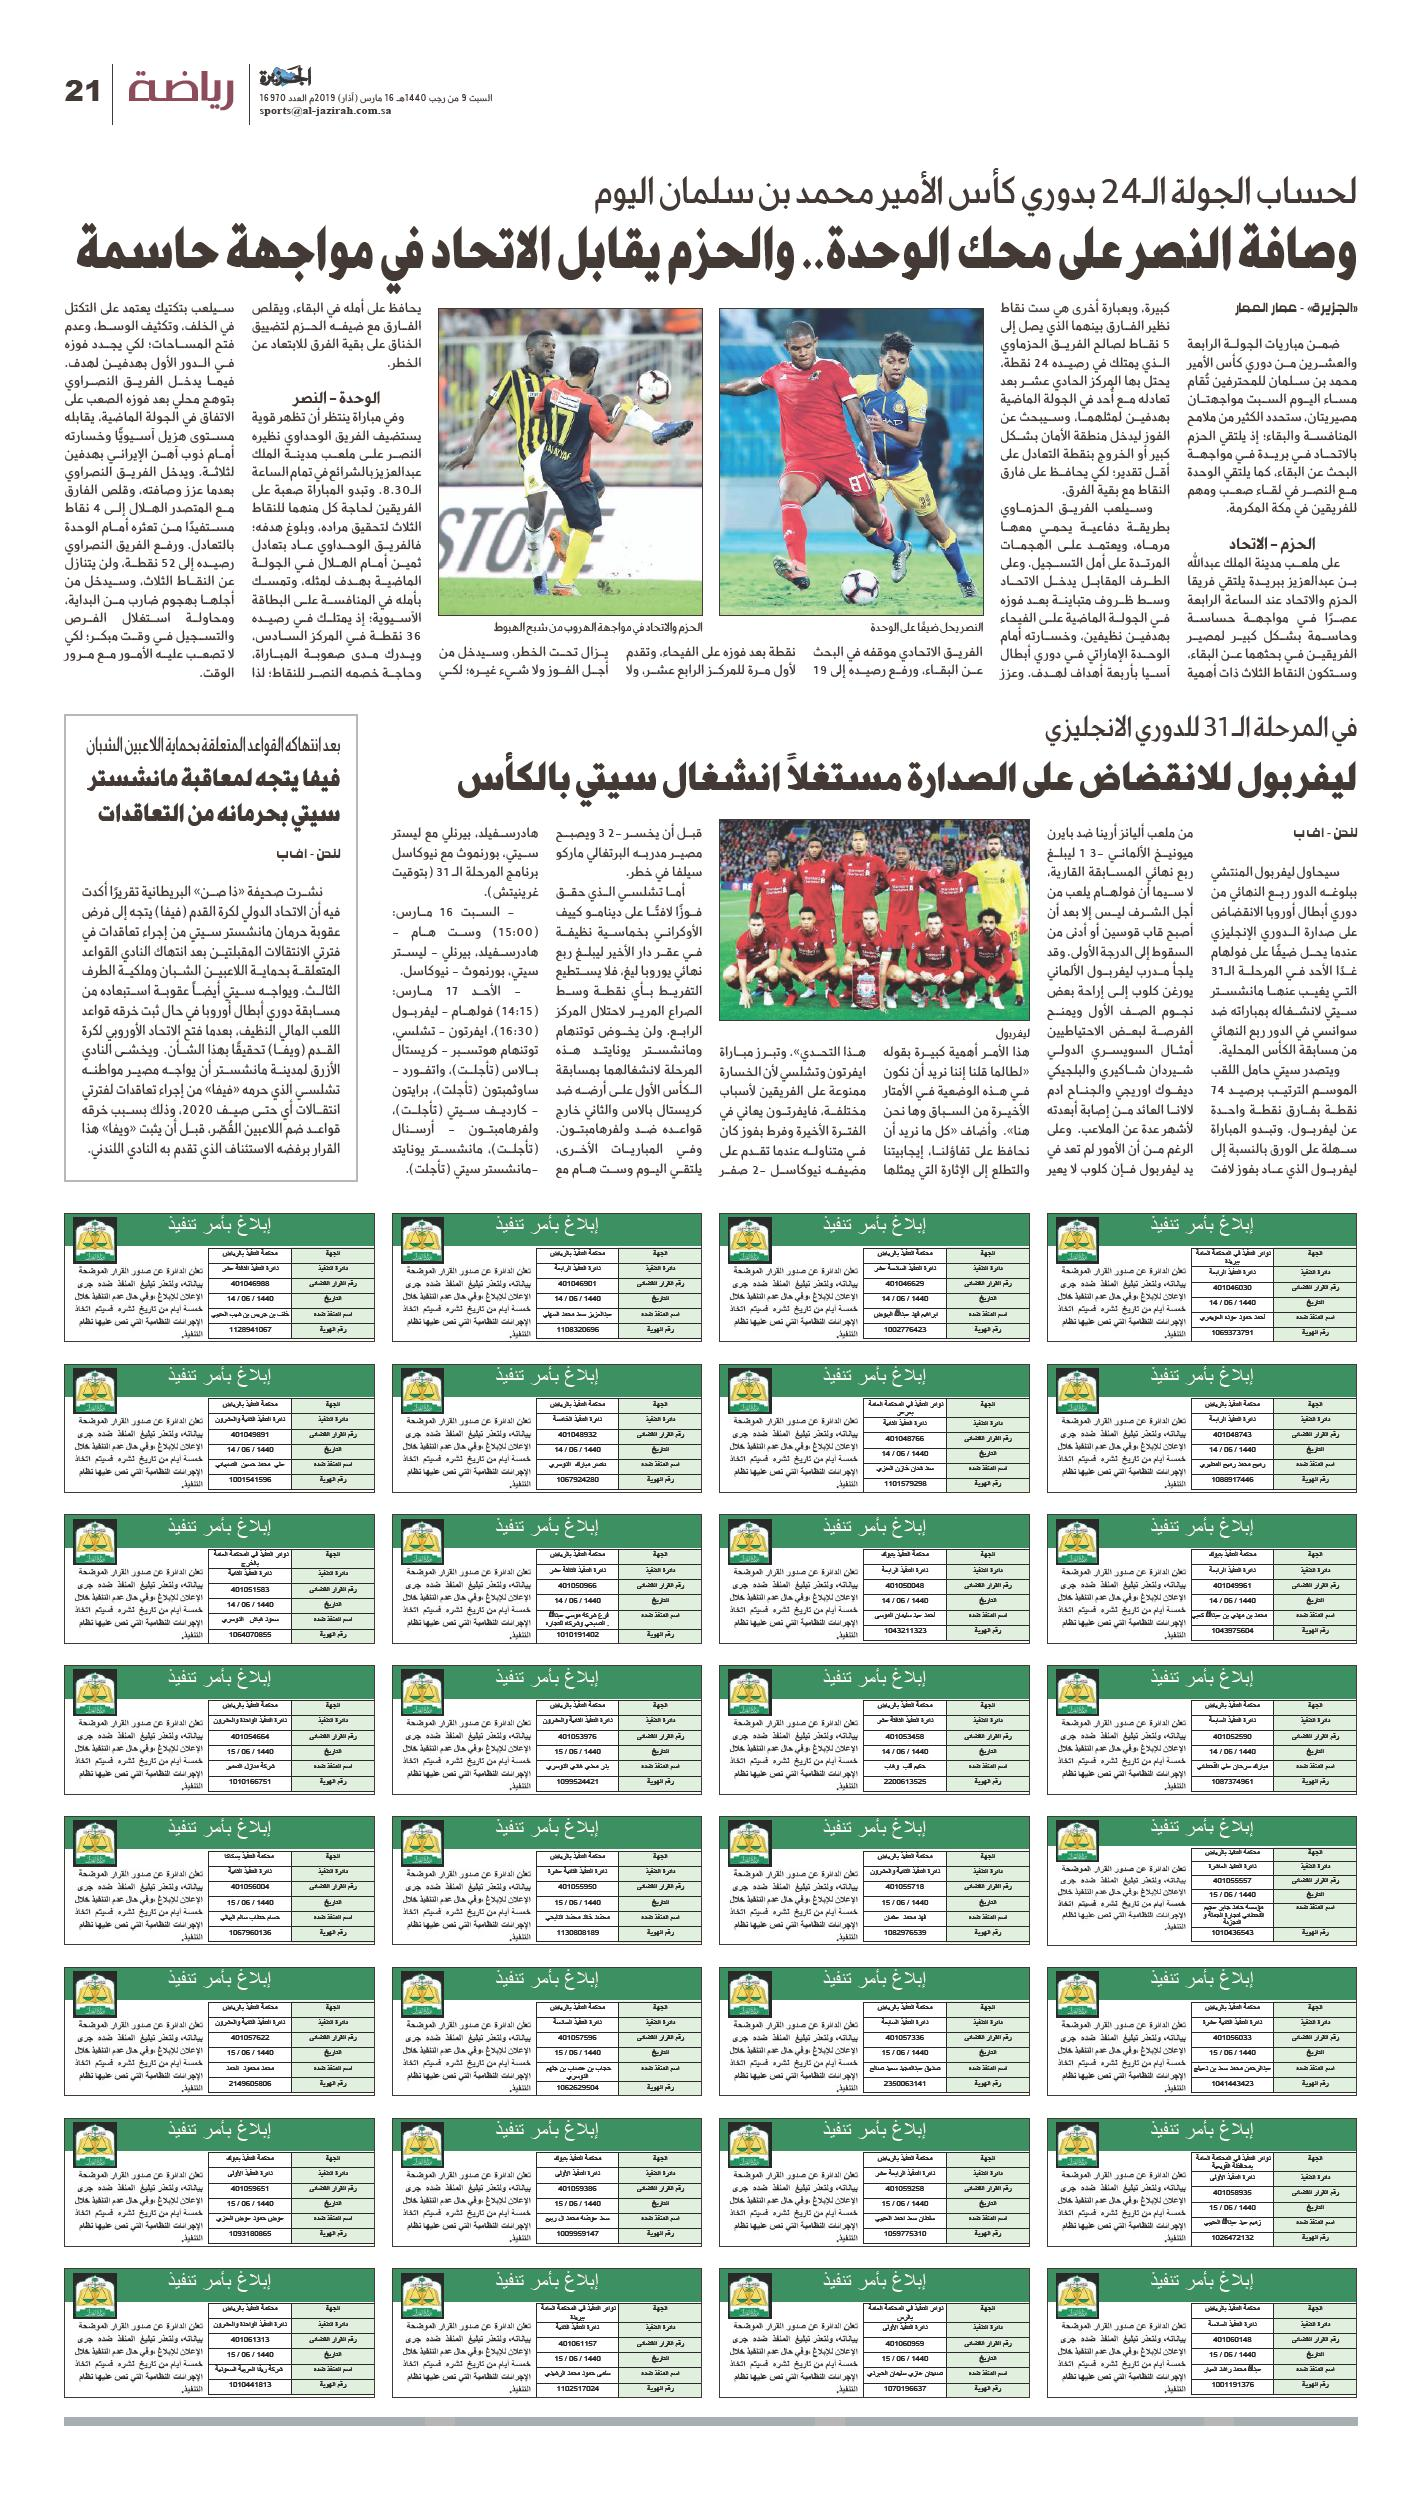 أخبار الاتحاد في الصحف لهذا اليوم السبت الموافق -9-رجب -1440هـ